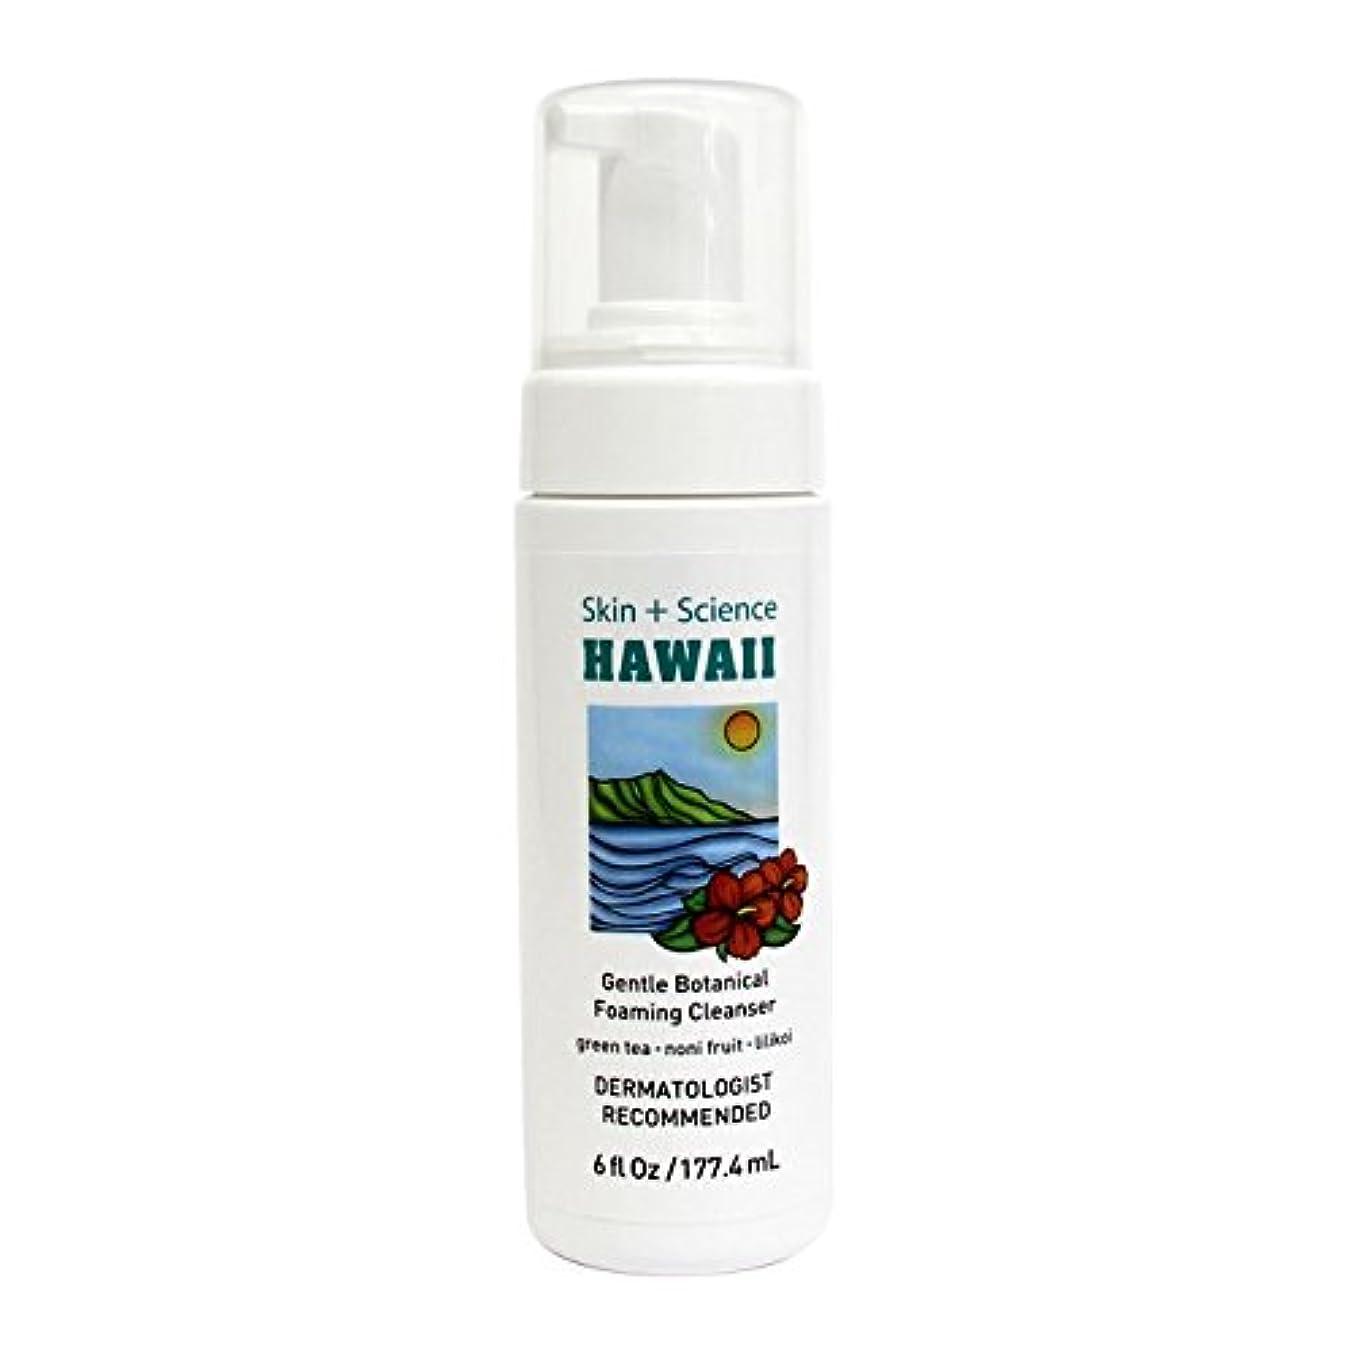 ステップ行う基礎スキンサイエンス ハワイ ボタニカルフォーミングクレンザー 177.4ml